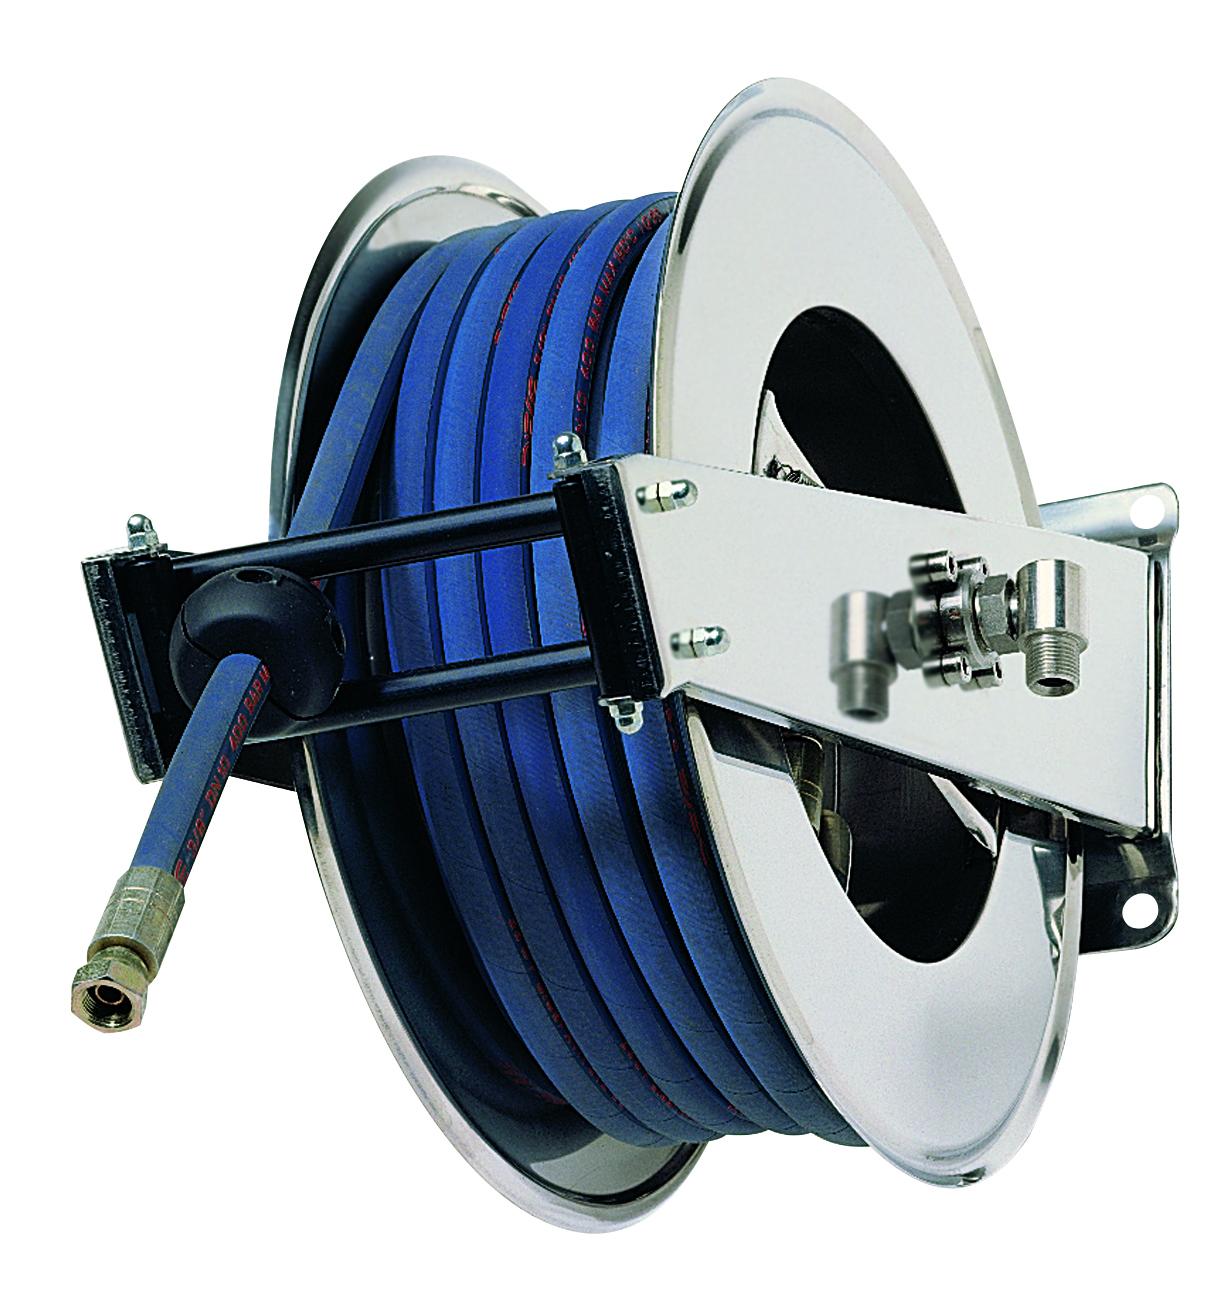 AV2000 400 - Carretes de manguera para agua -  Alta Presión hasta 400 bar / 5800 PSI